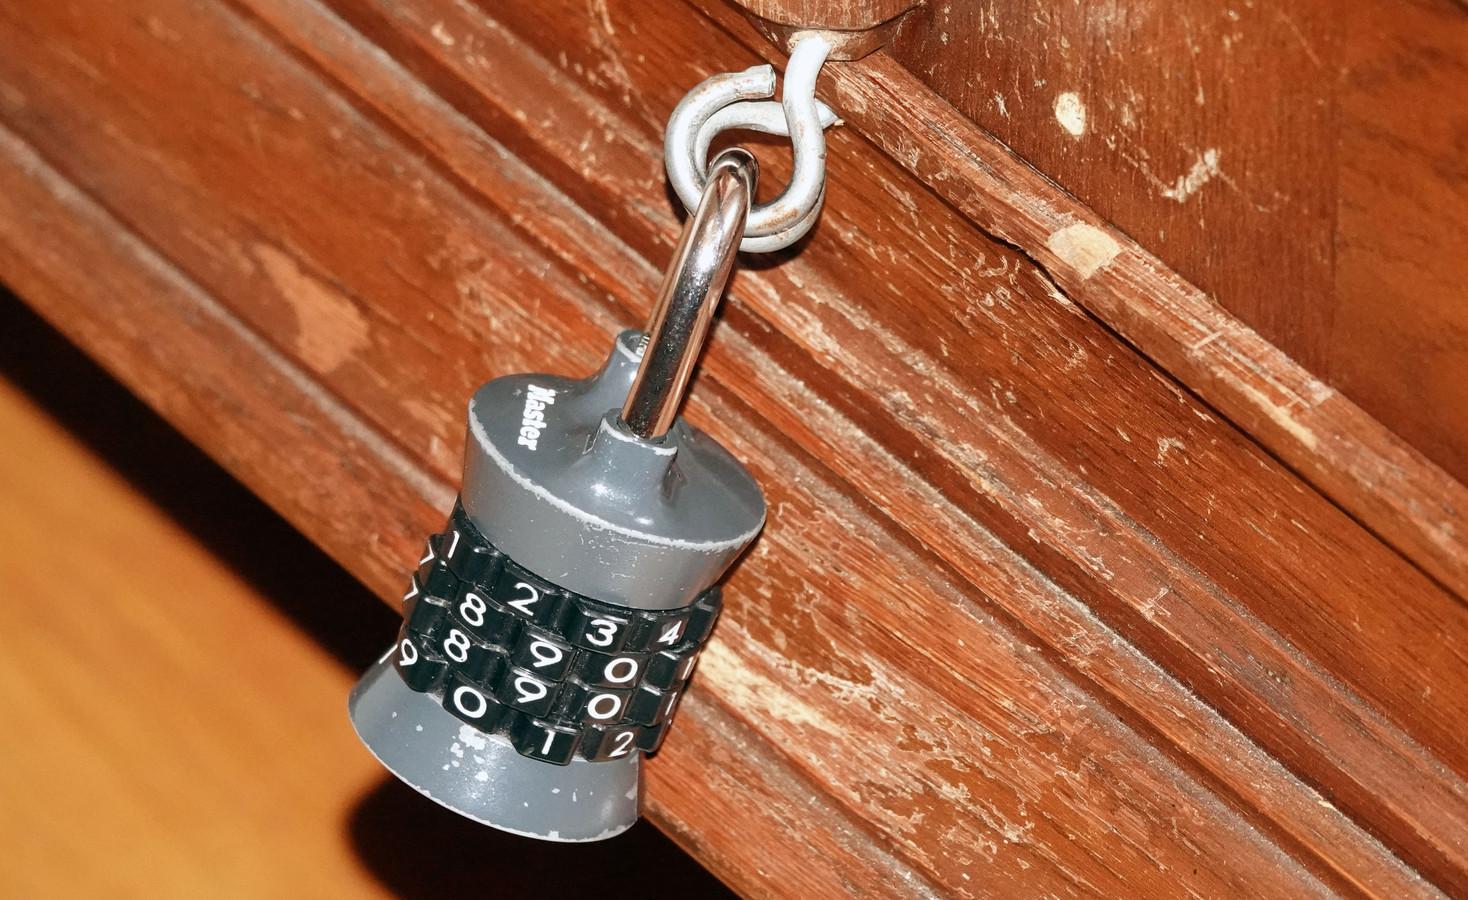 Komen-Waasten De zaakvoerders van escape rooms Fun At Comines in Komen organiseren op vrijdag 14 februari een 'Blind Escape'.